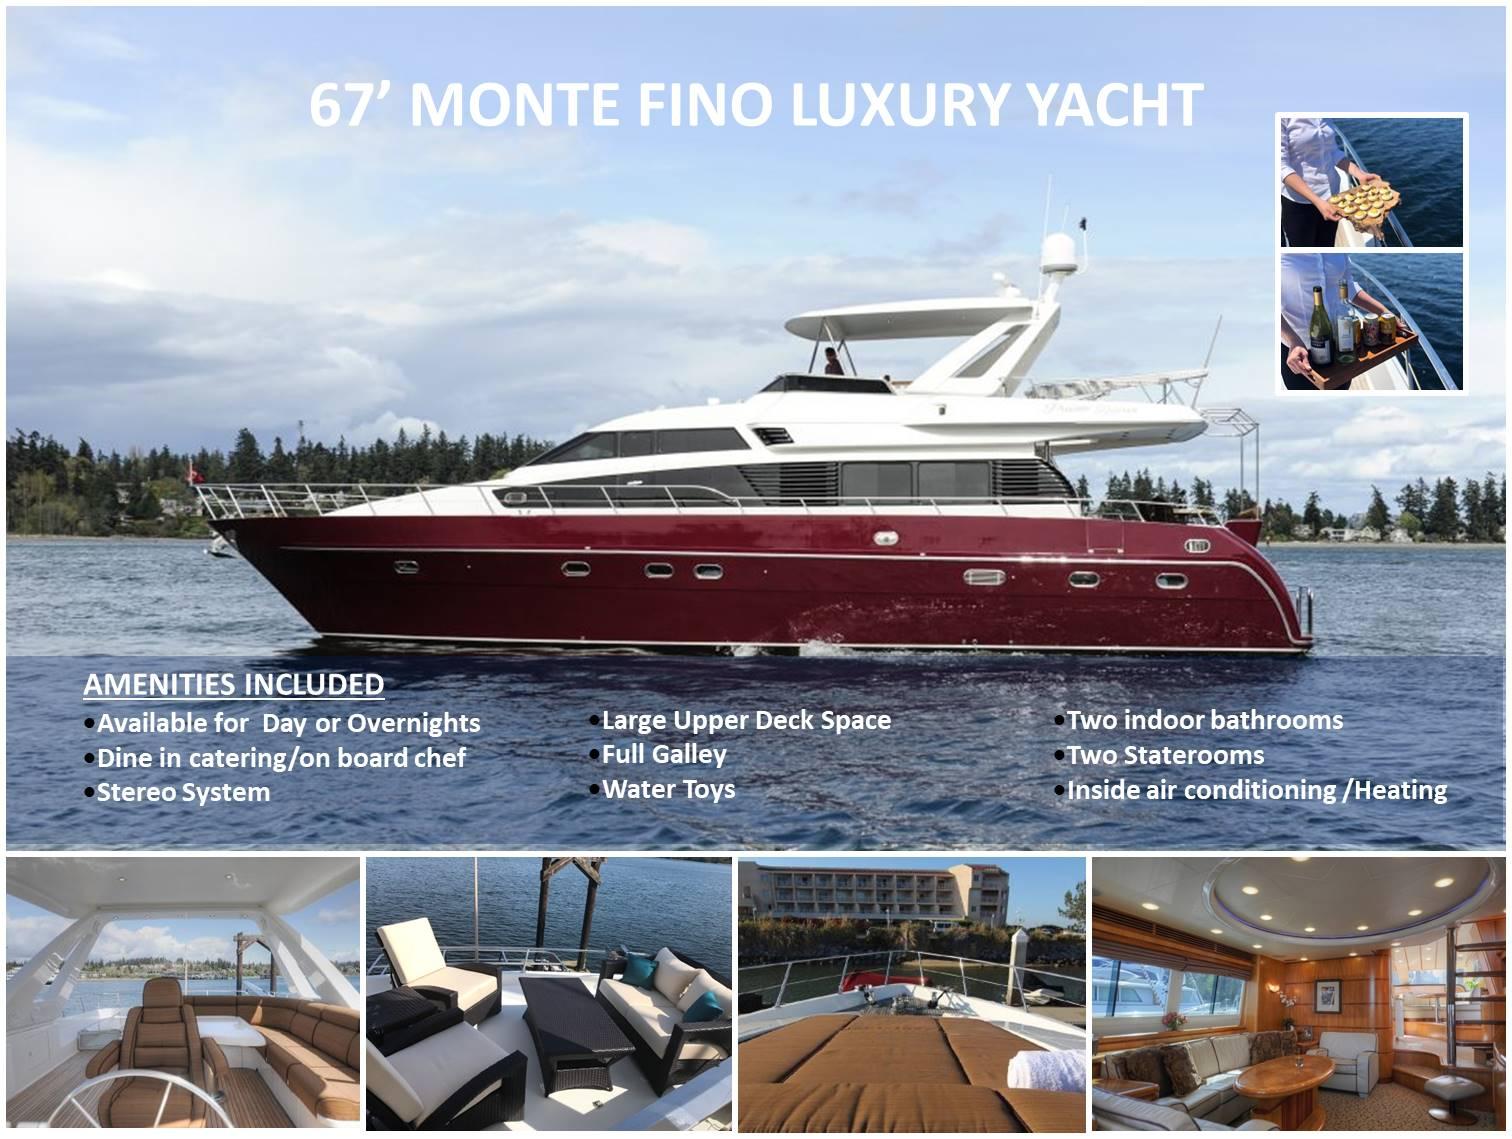 67-monte-fino-luxury-yacht